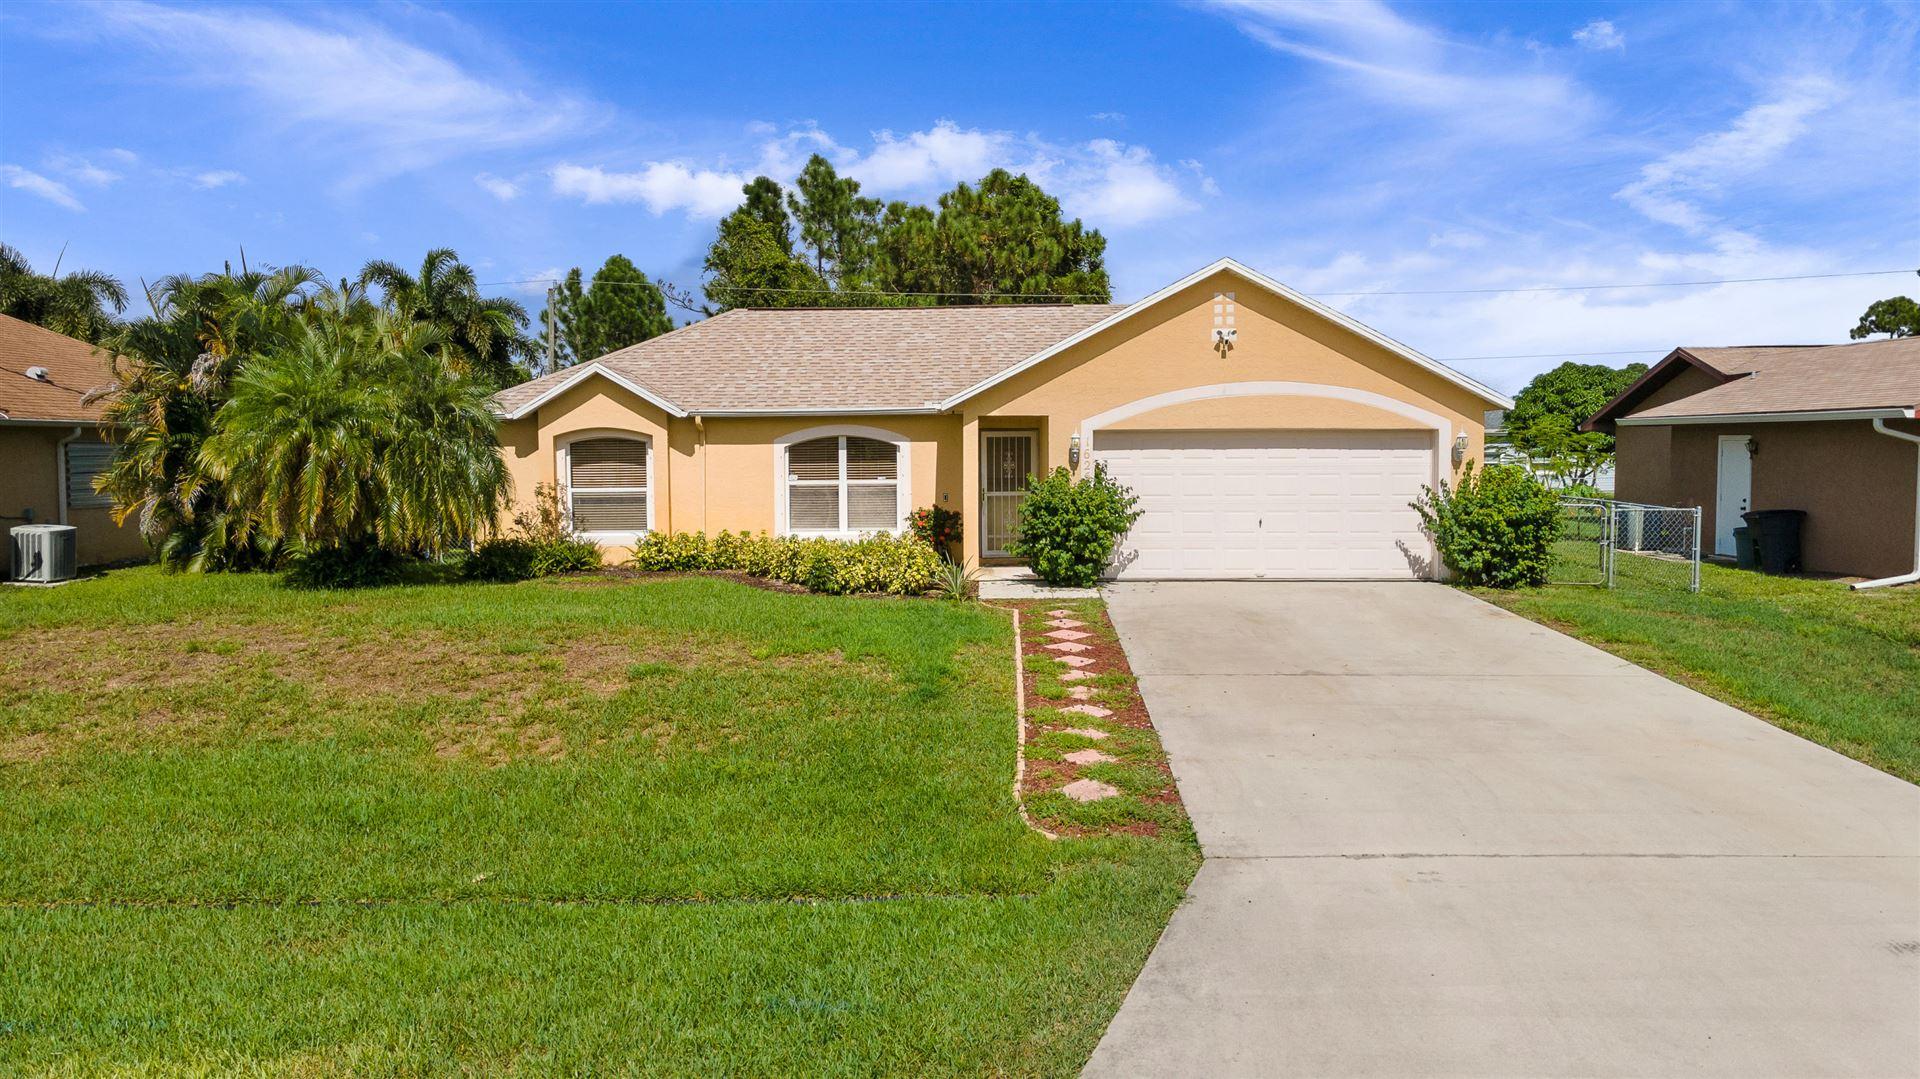 1625 SE Chello Lane, Port Saint Lucie, FL 34983 - #: RX-10654456